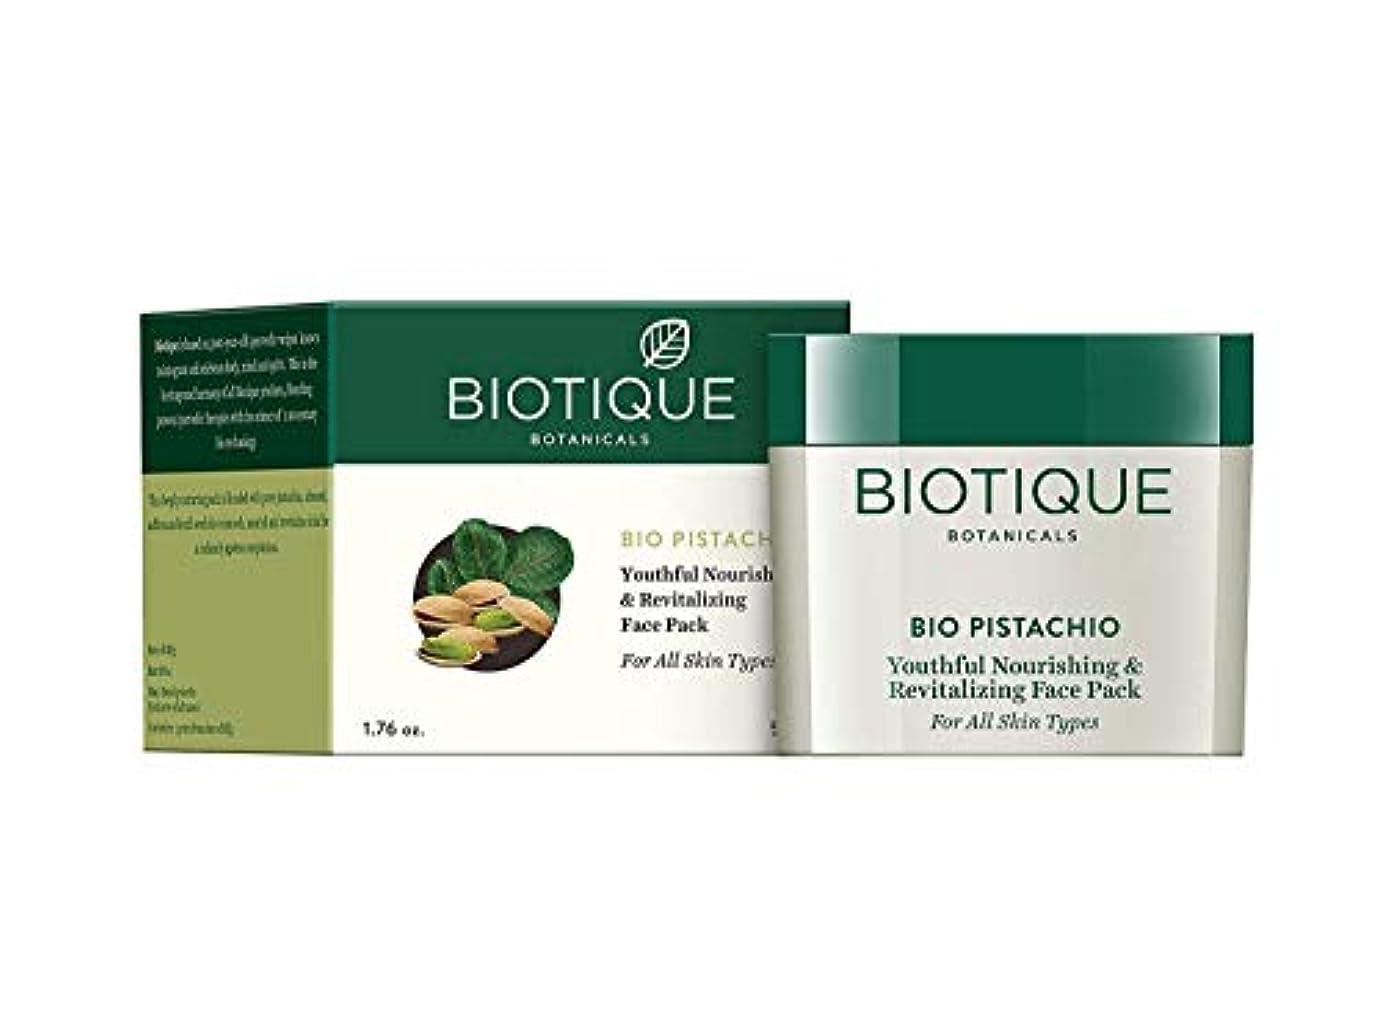 直感糸信条Biotique Bio Pistachio Youthful Nourishing & Revitalizing Face Pack 50 grams ビオティックバイオピスタチオ若々しい栄養と活力を与えるフェイスパック